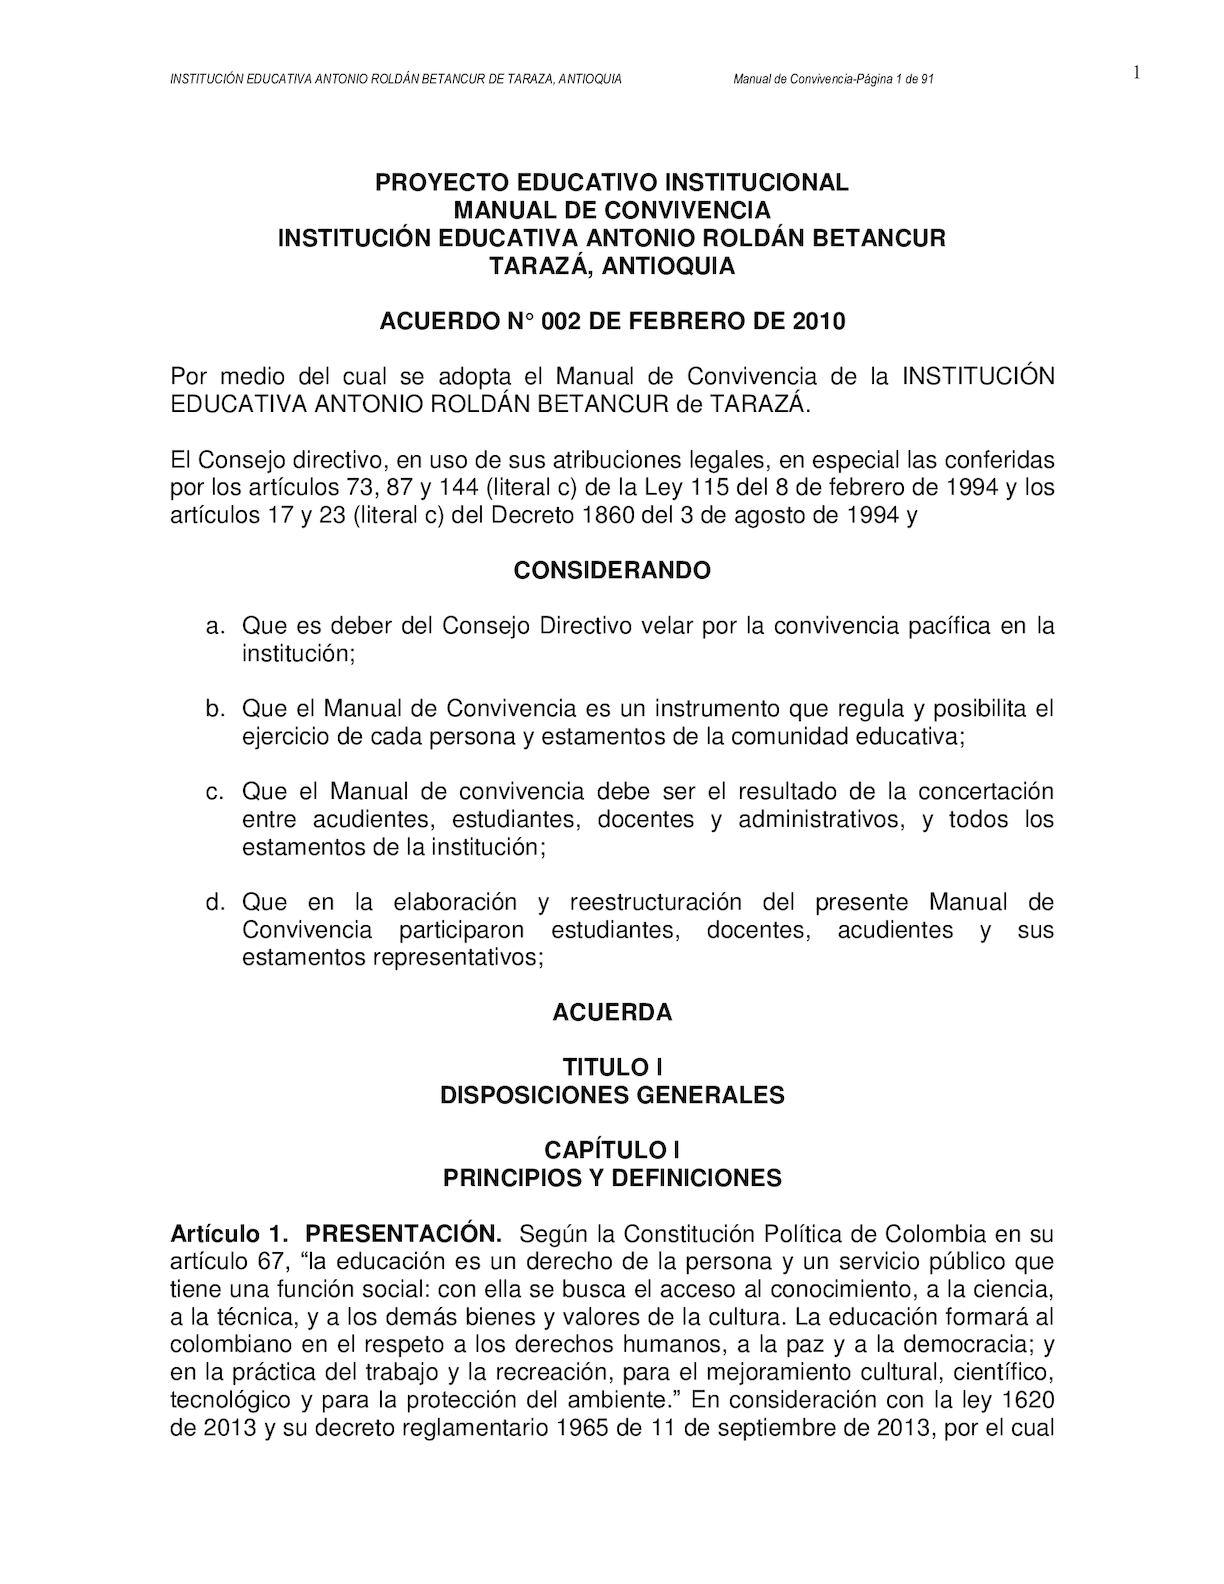 Manual De Convivencia 2016 INSTITUCIÓN EDUCATIVA ANTONIO ROLDÁN BETANCUR DE TARAZA, ANTIOQUIA